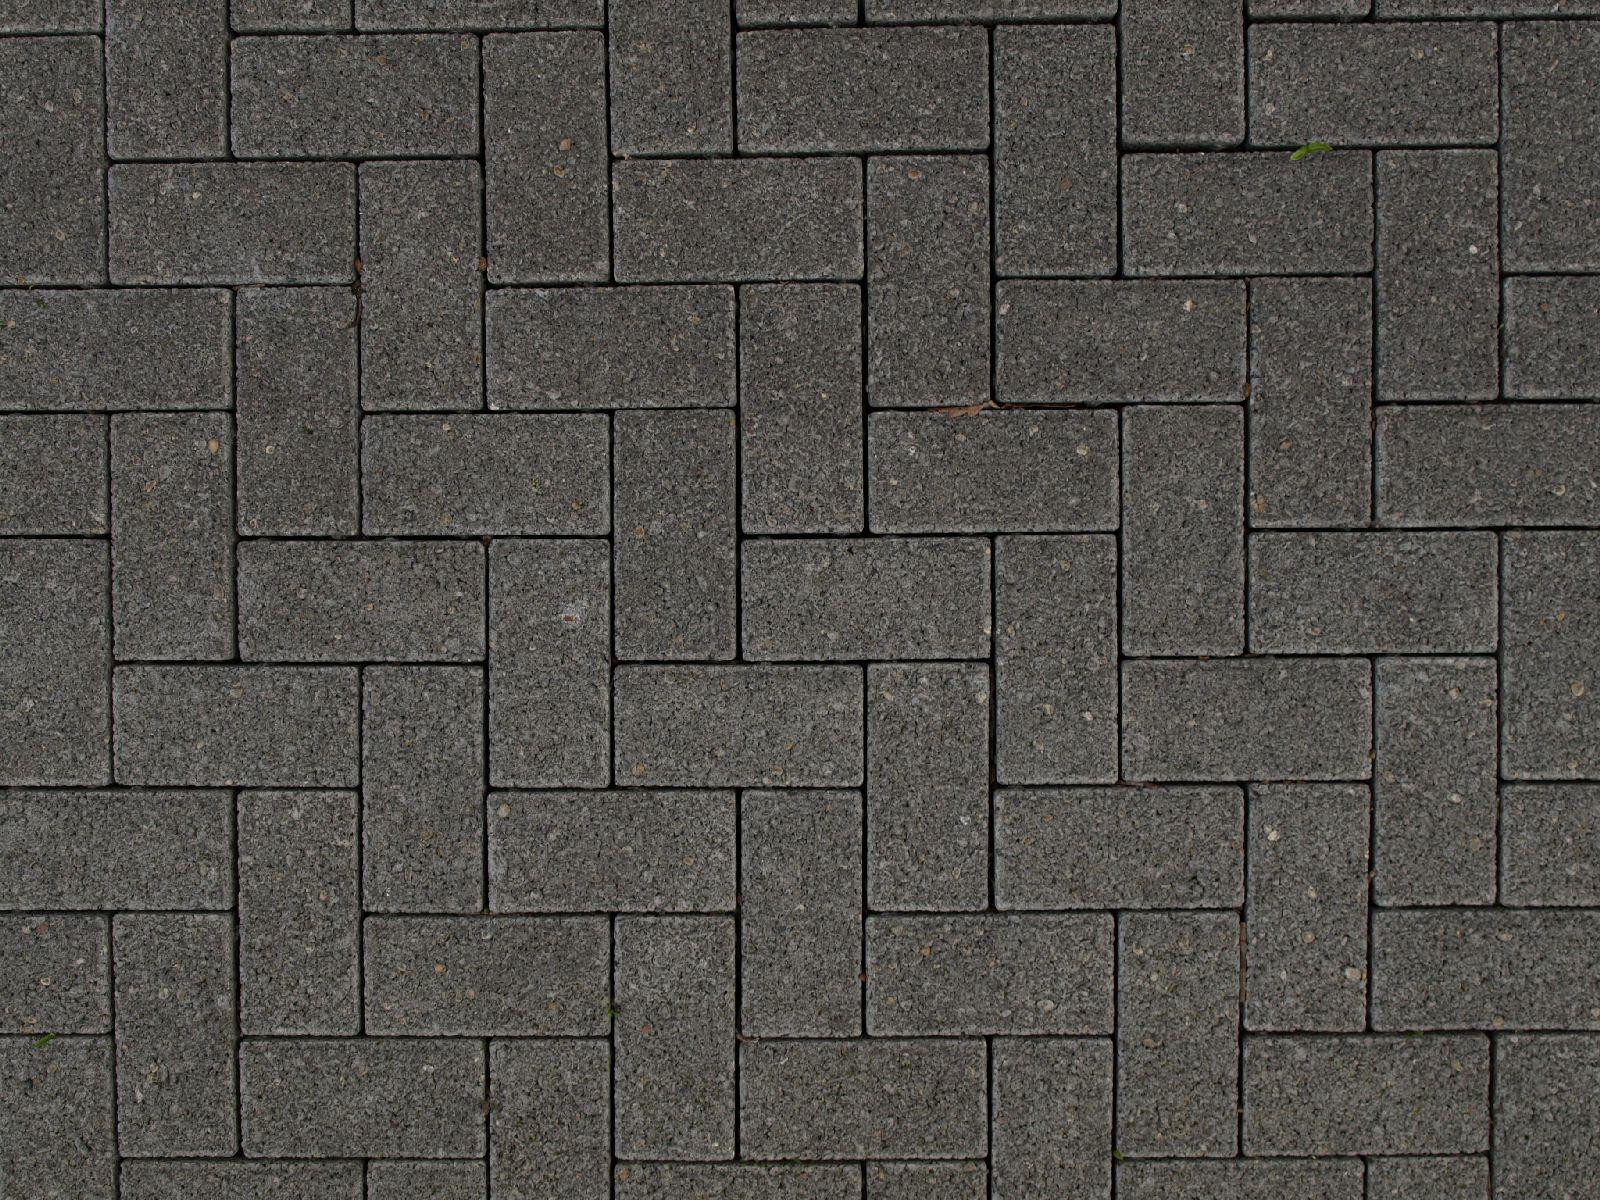 Ground-Urban_Texture_A_P4110676